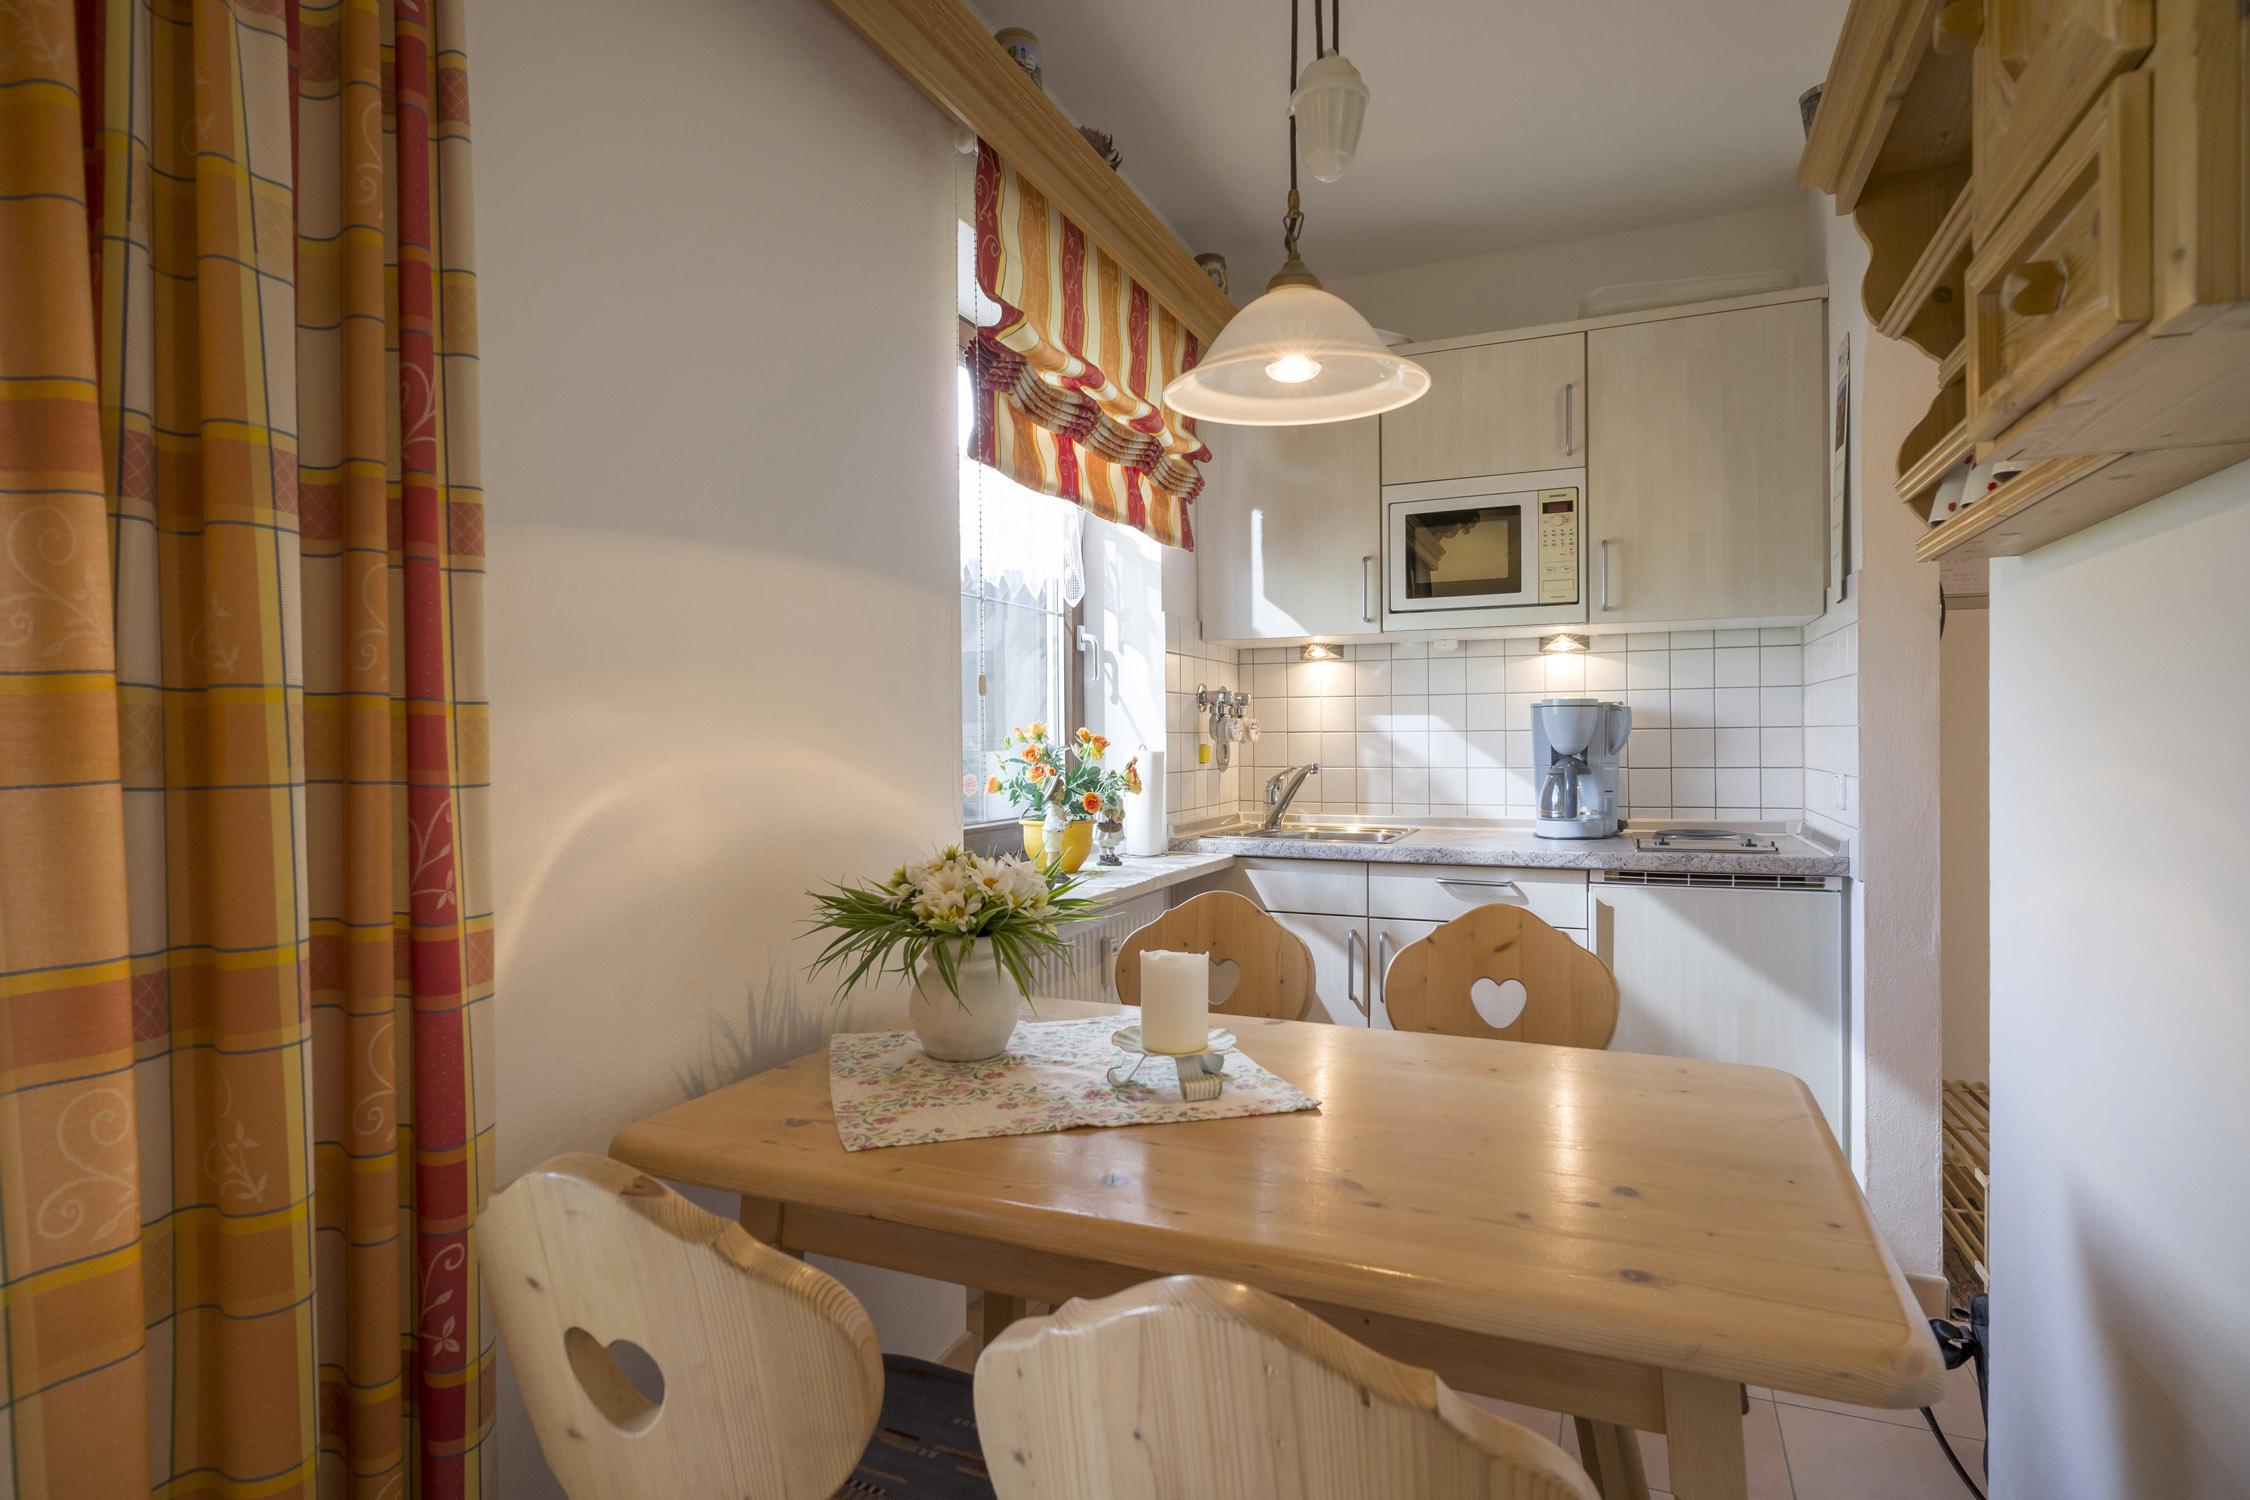 Ferienwohnung Dannapfel im Bergschlößl (DE Oberaudorf). 2-Zimmer Ferienwohnung (710001), Oberaudorf, Chiemgau, Bayern, Deutschland, Bild 5